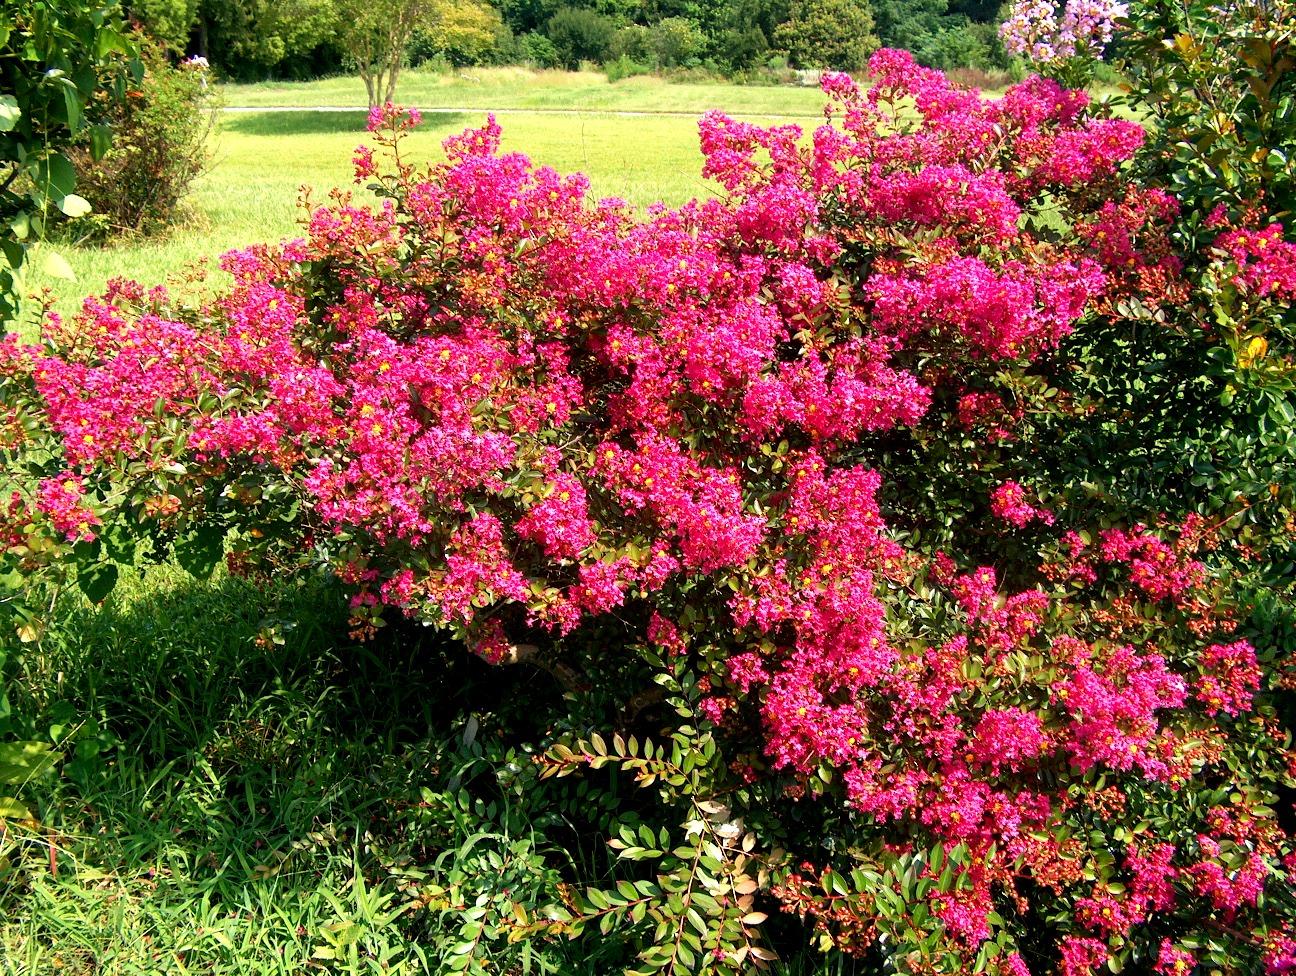 столетии красивоцветущие кустарники для сада фото носят знаменитости